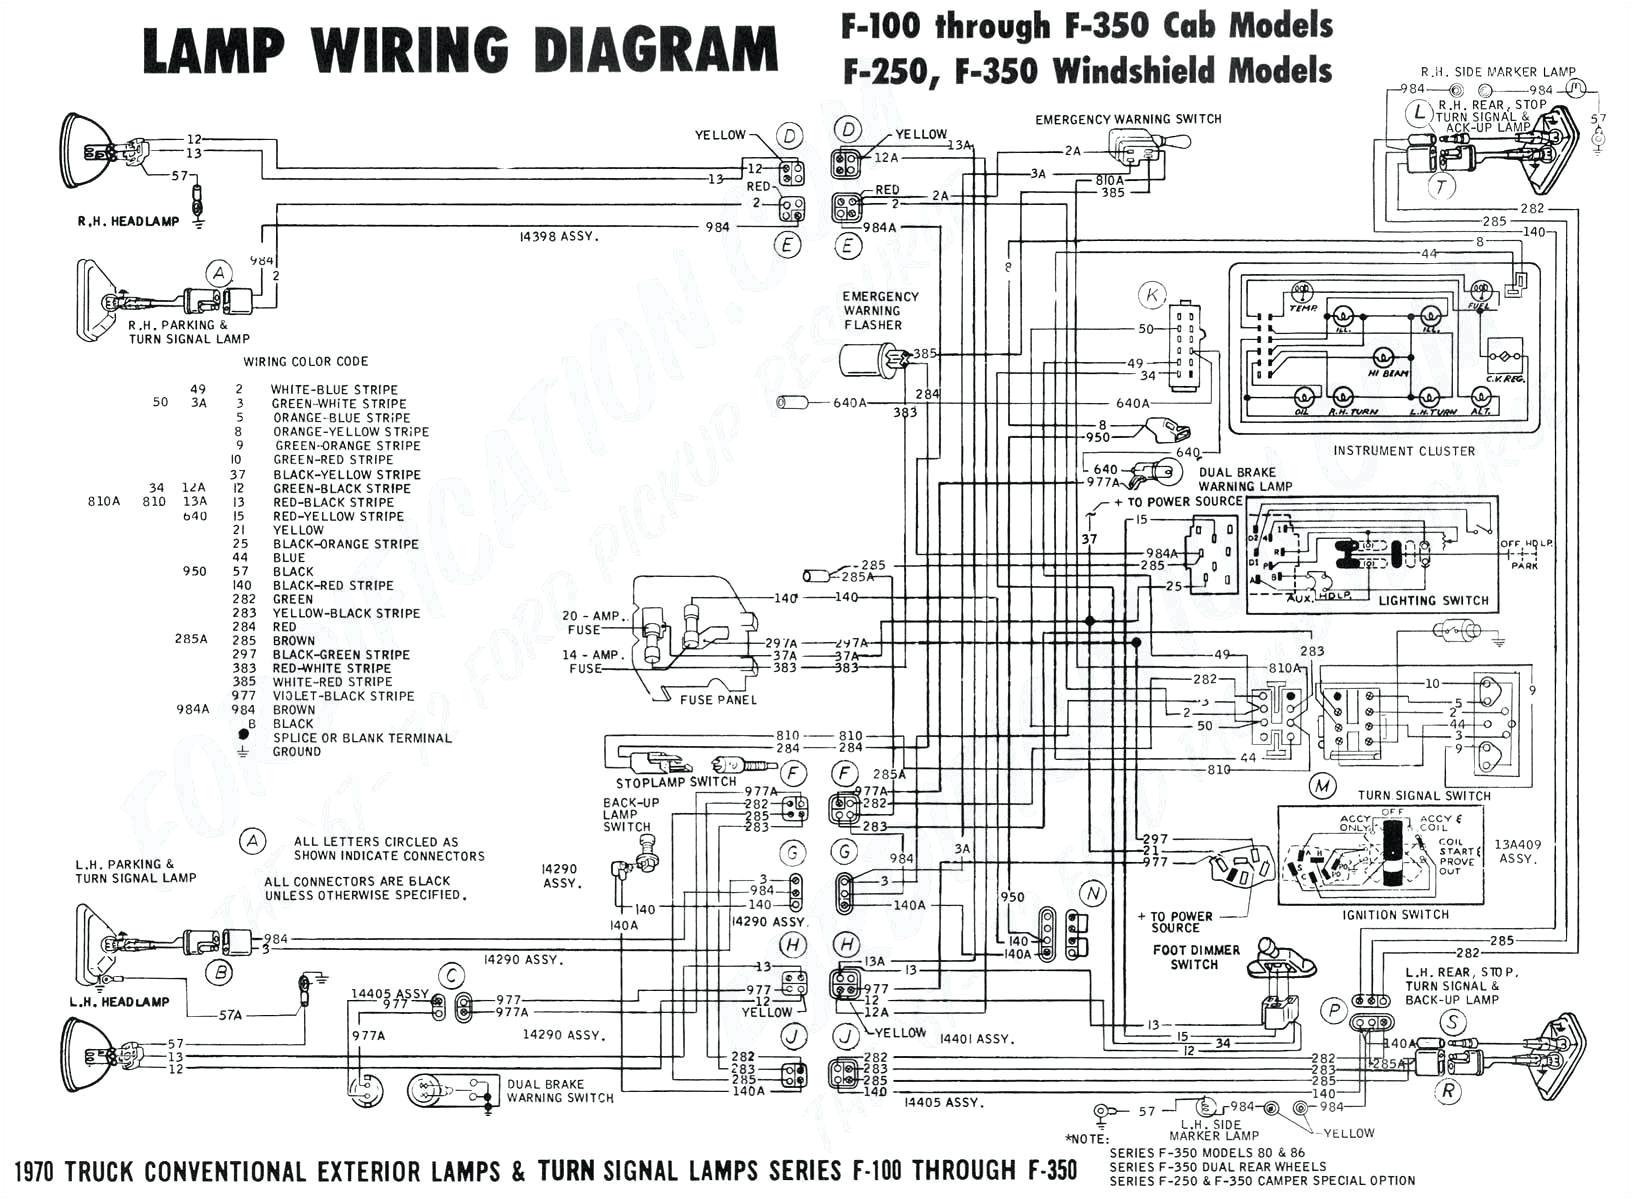 Renault Clio Rear Light Wiring Diagram Wiring Diagram 1998 Lexus Es 300 Body Diagram 2001 Lexus is300 Evap